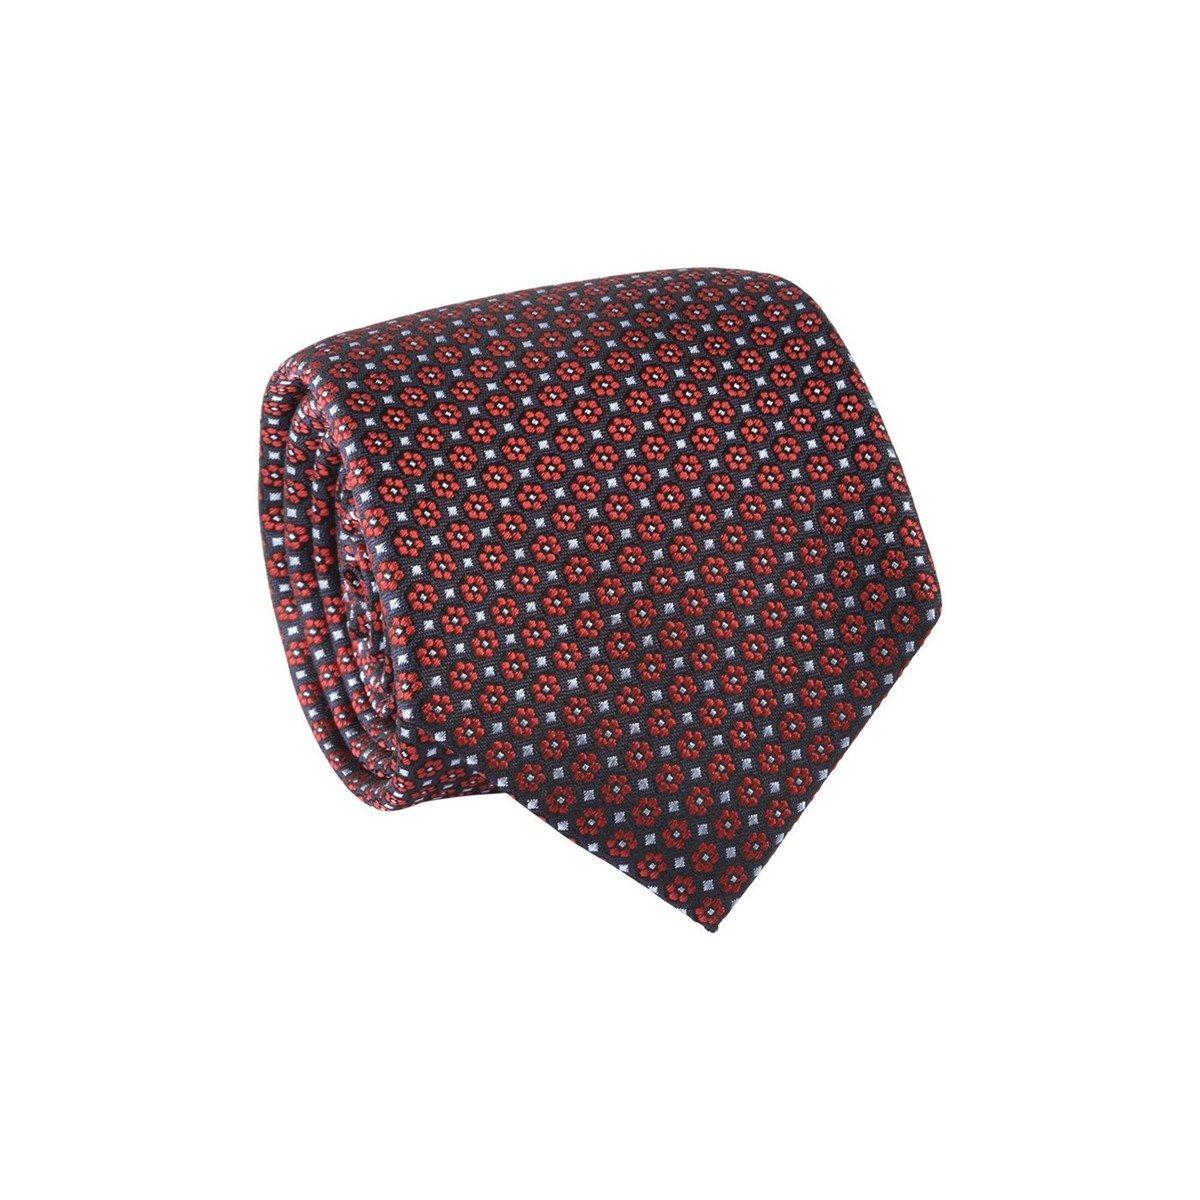 Cravate à fleurs 100% soie